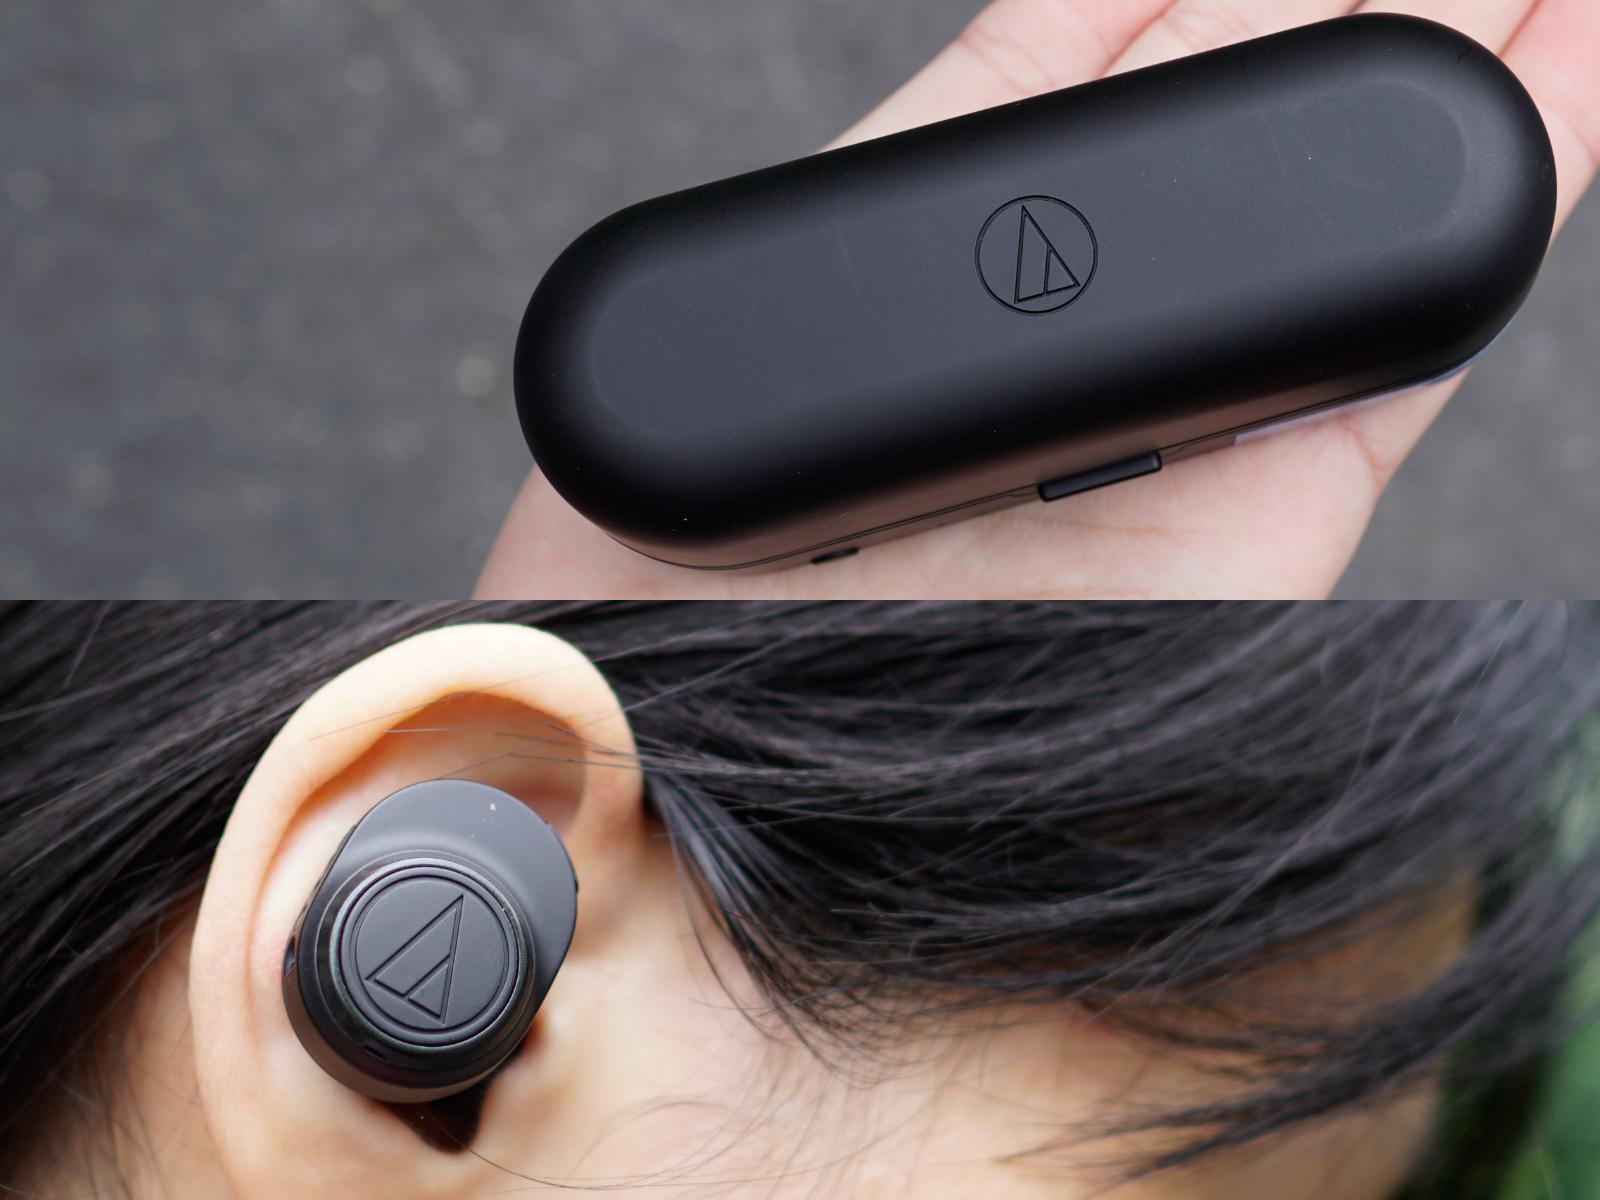 鐵三角藍牙耳機 推薦